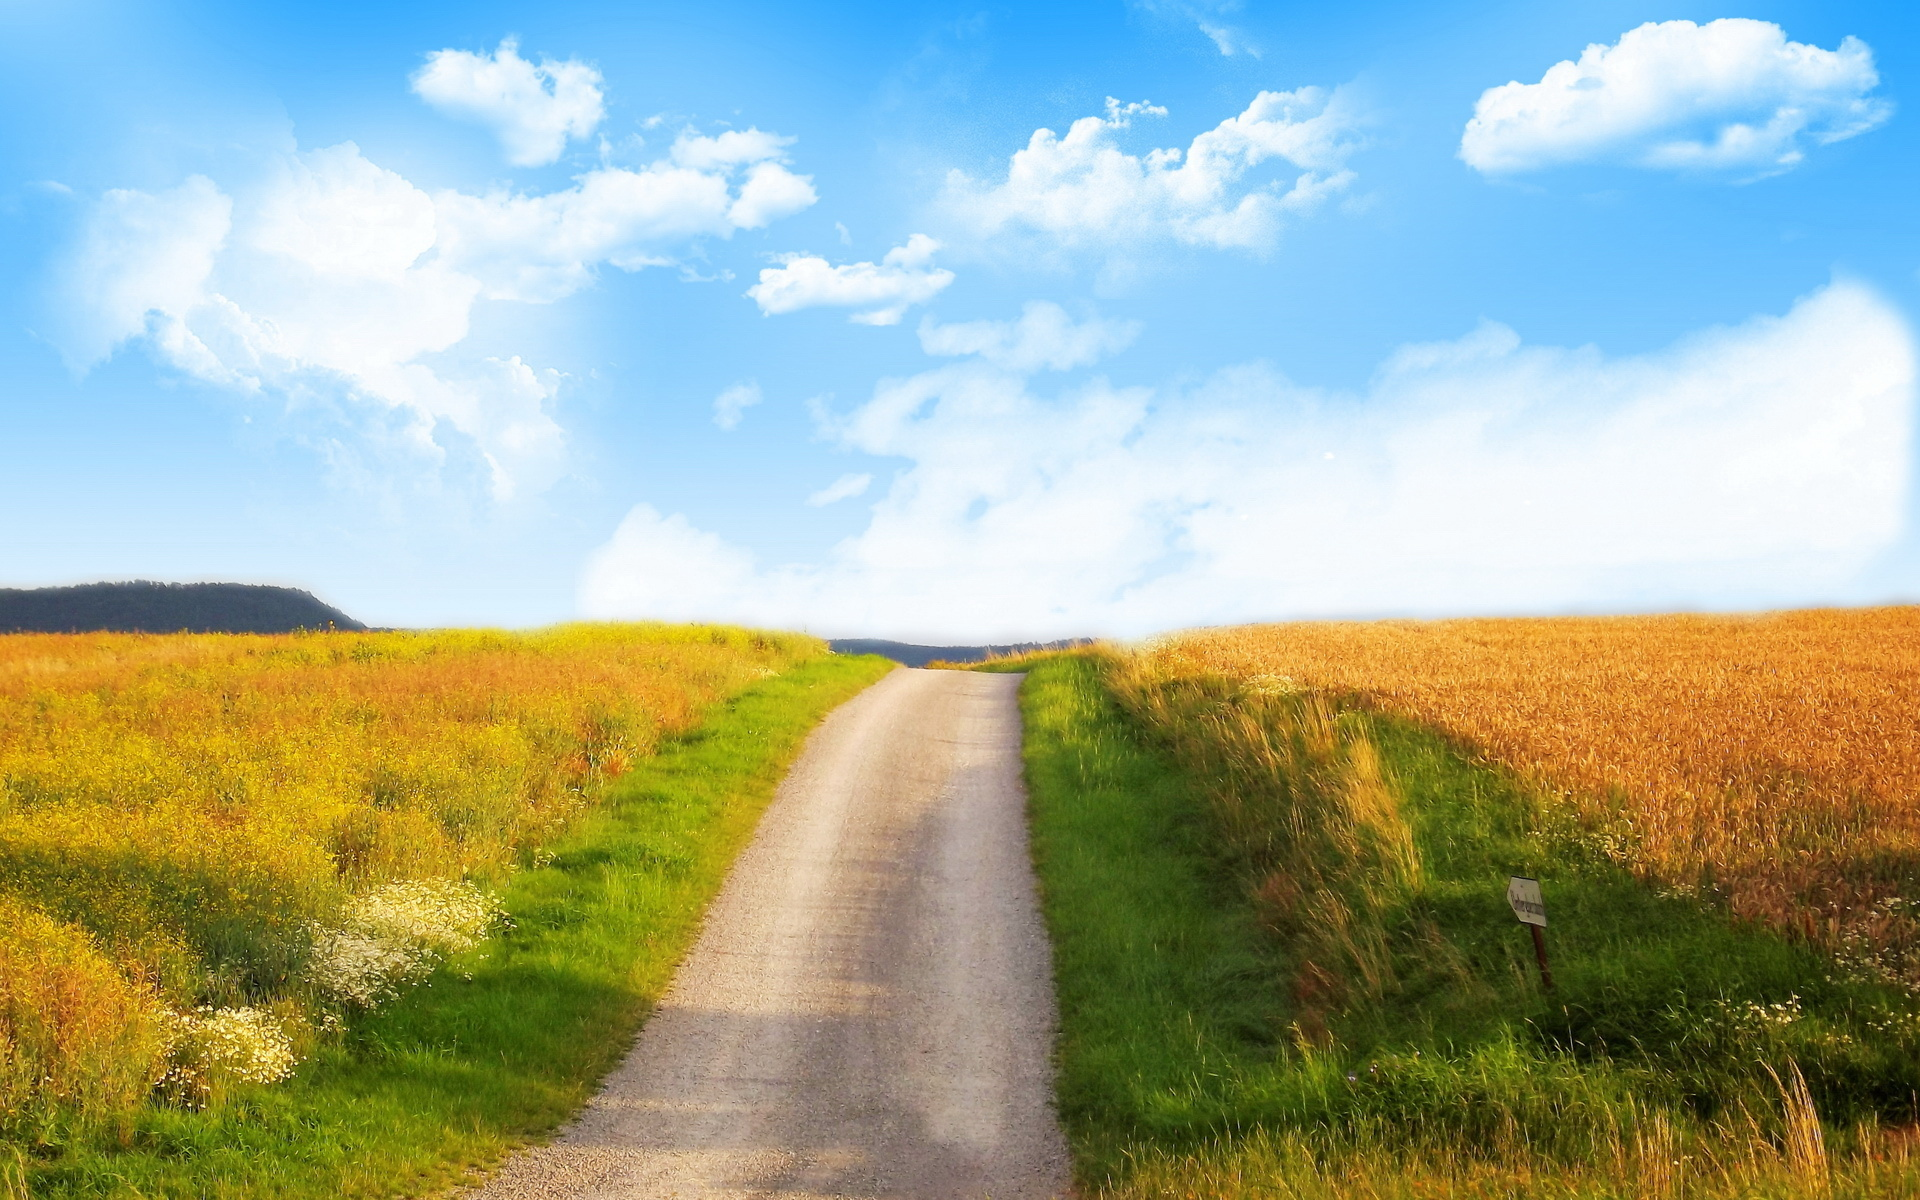 дорога степь небо бесплатно